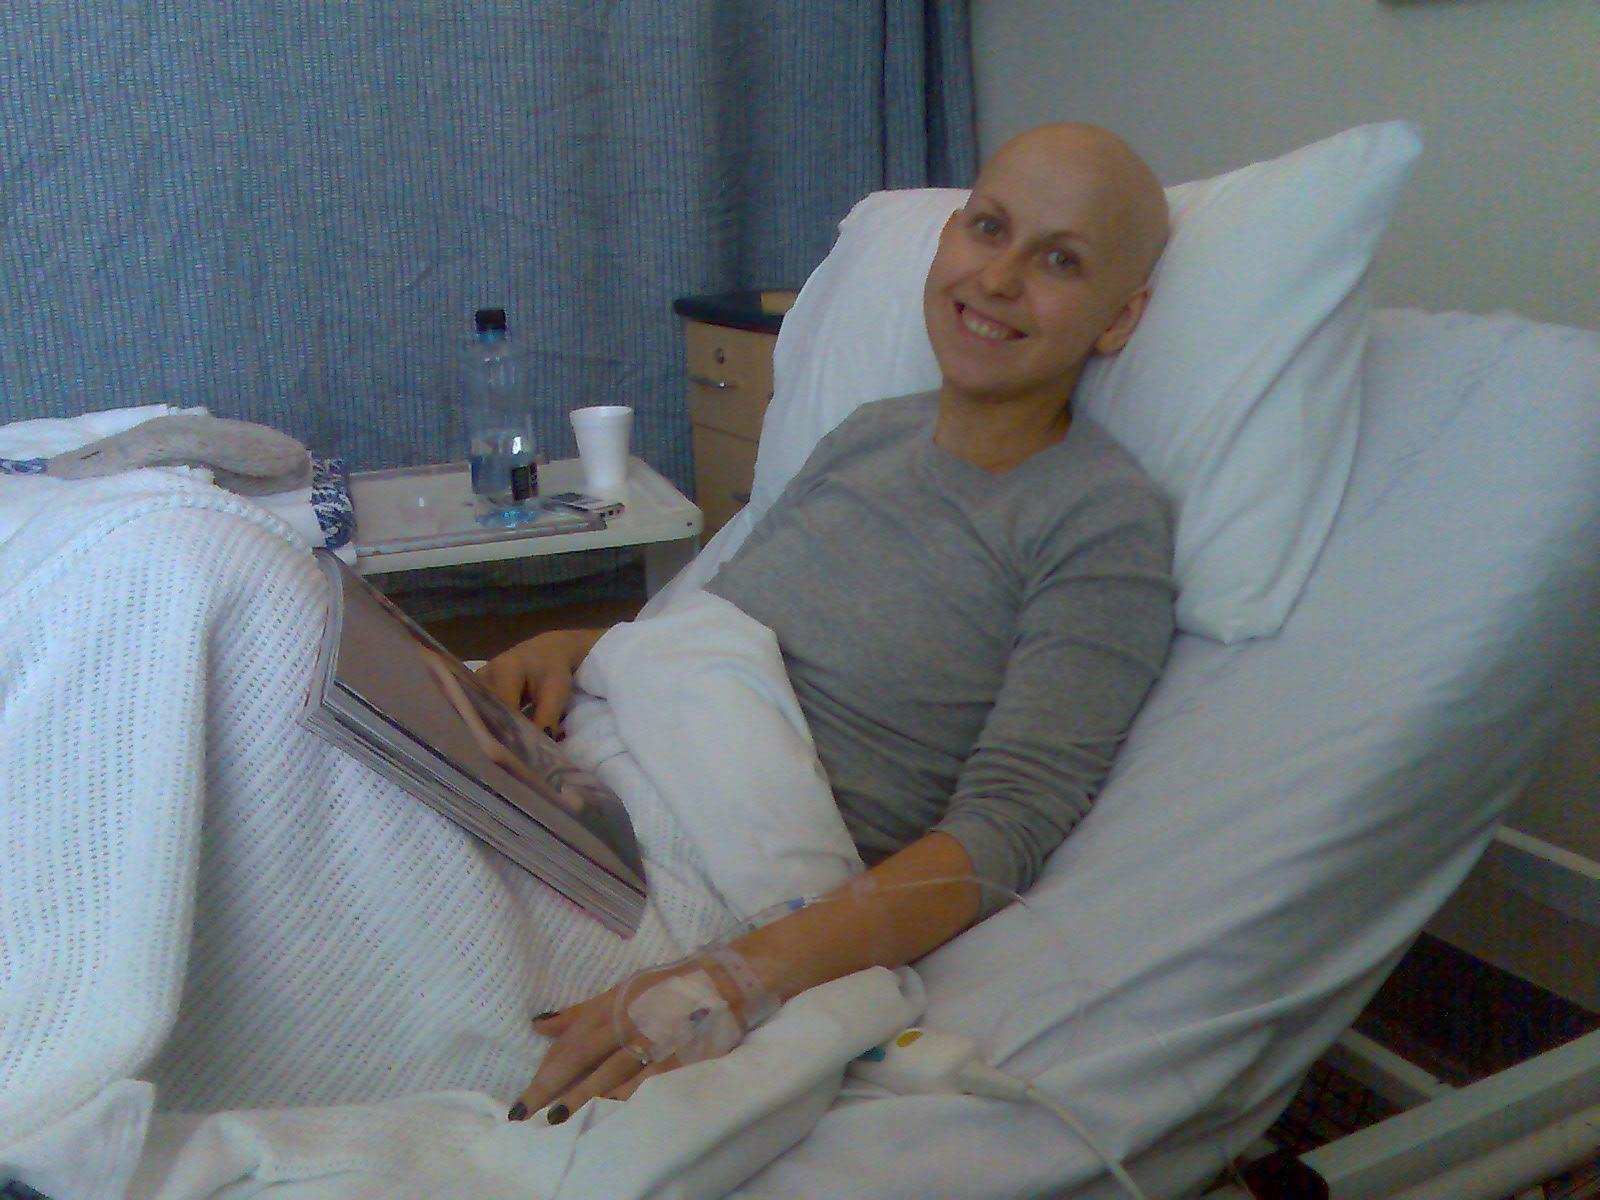 Химиотерапия - это использование лекарств для уничтожения рака